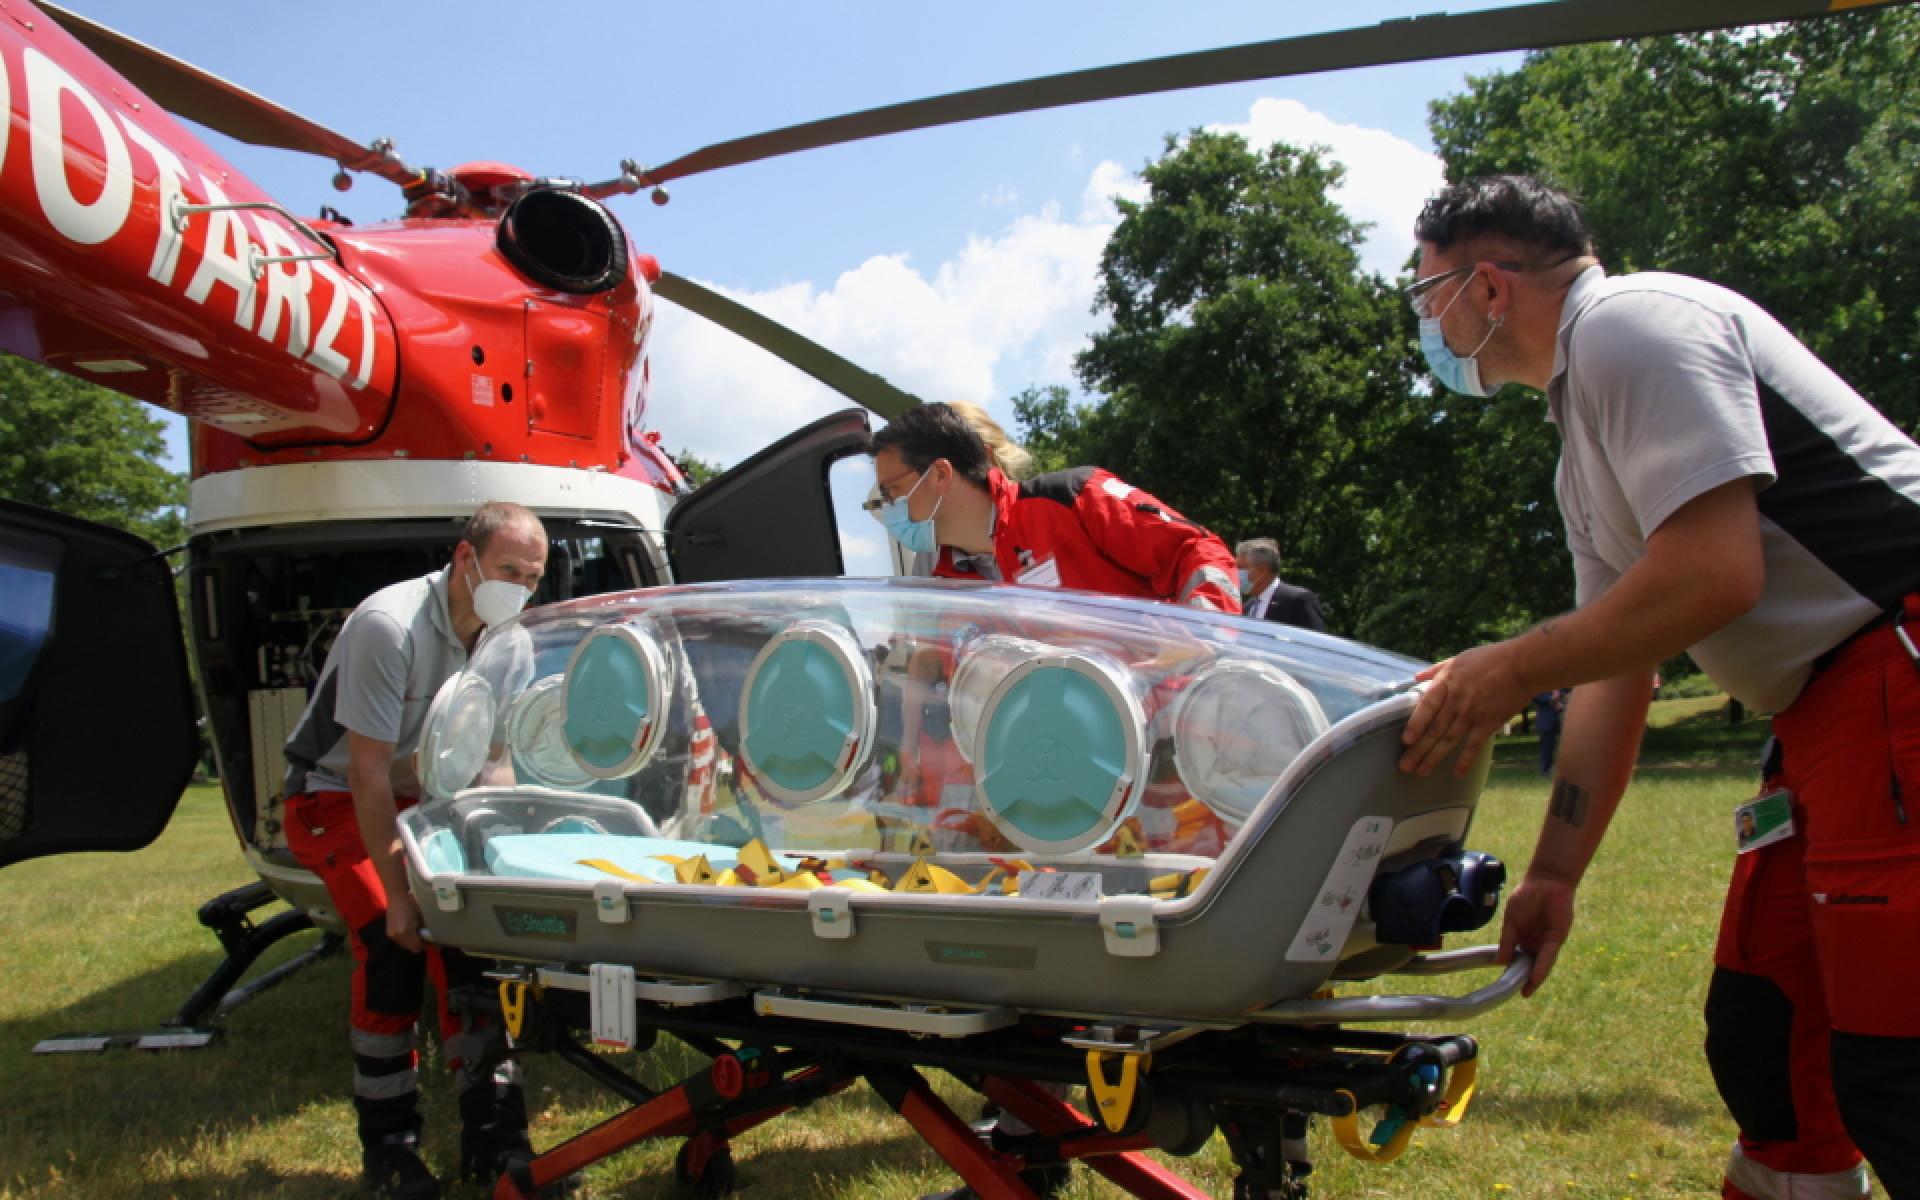 Die Crew von Christoph Niedersachsen demonstriert das Einladen des EpiShuttle am Hubschrauber.